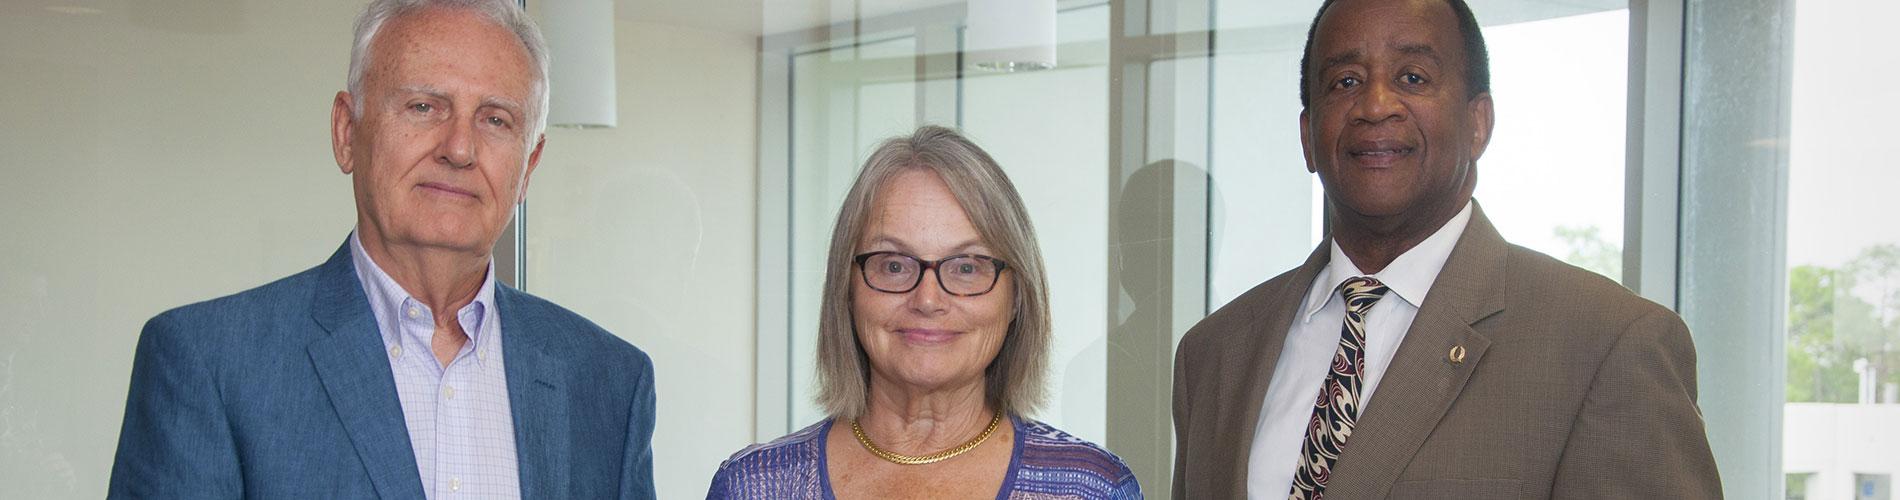 $1 million commitment by Maurizio and Laura Nisita of Estero